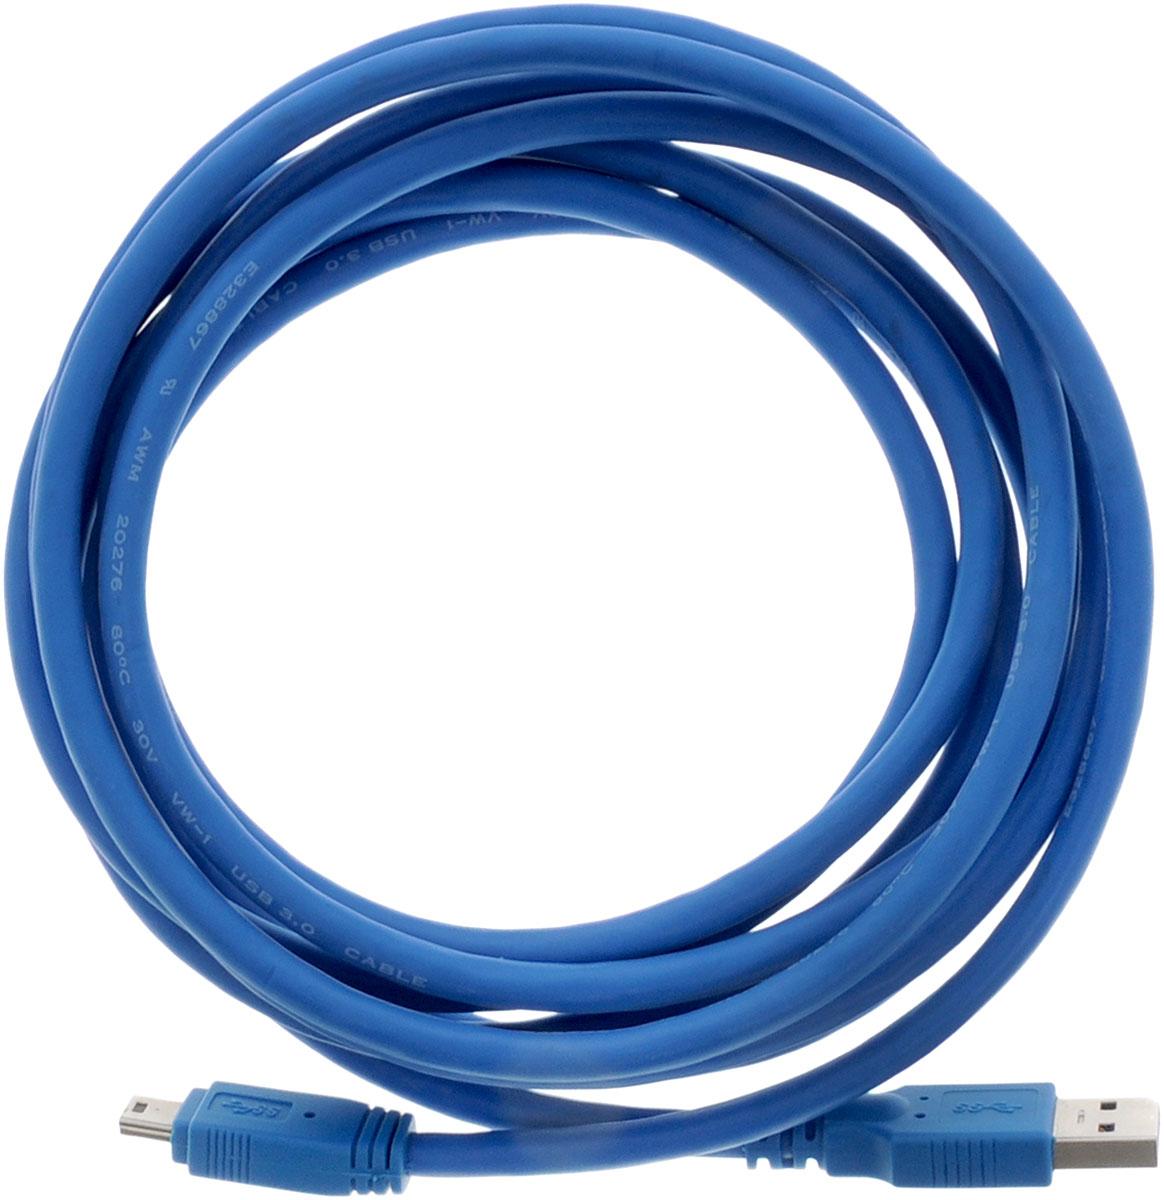 Greenconnect Premium GC-U3A2109, Blue кабель miniUSB 3.0-USB 3.0 (3 м)GC-U3A2109-3mКабель Greenconnect Premium GC-U3A2109 позволяет подключать мобильные устройства, которые имеют разъем miniUSB к USB разъему компьютера. Подходит для повседневных задач, таких как синхронизация данных и передача файлов. Кабель имеет двойное экранирование (сочетание фольгированной и общей оплетки), что позволяет защитить сигнал при передаче от влияния внешних полей, способных создать помехи. Скорость передачи данных: до 5 Гбит Обратная совместимость с USB 2.0/1.1 Тип оболочки: PVC (ПВХ)